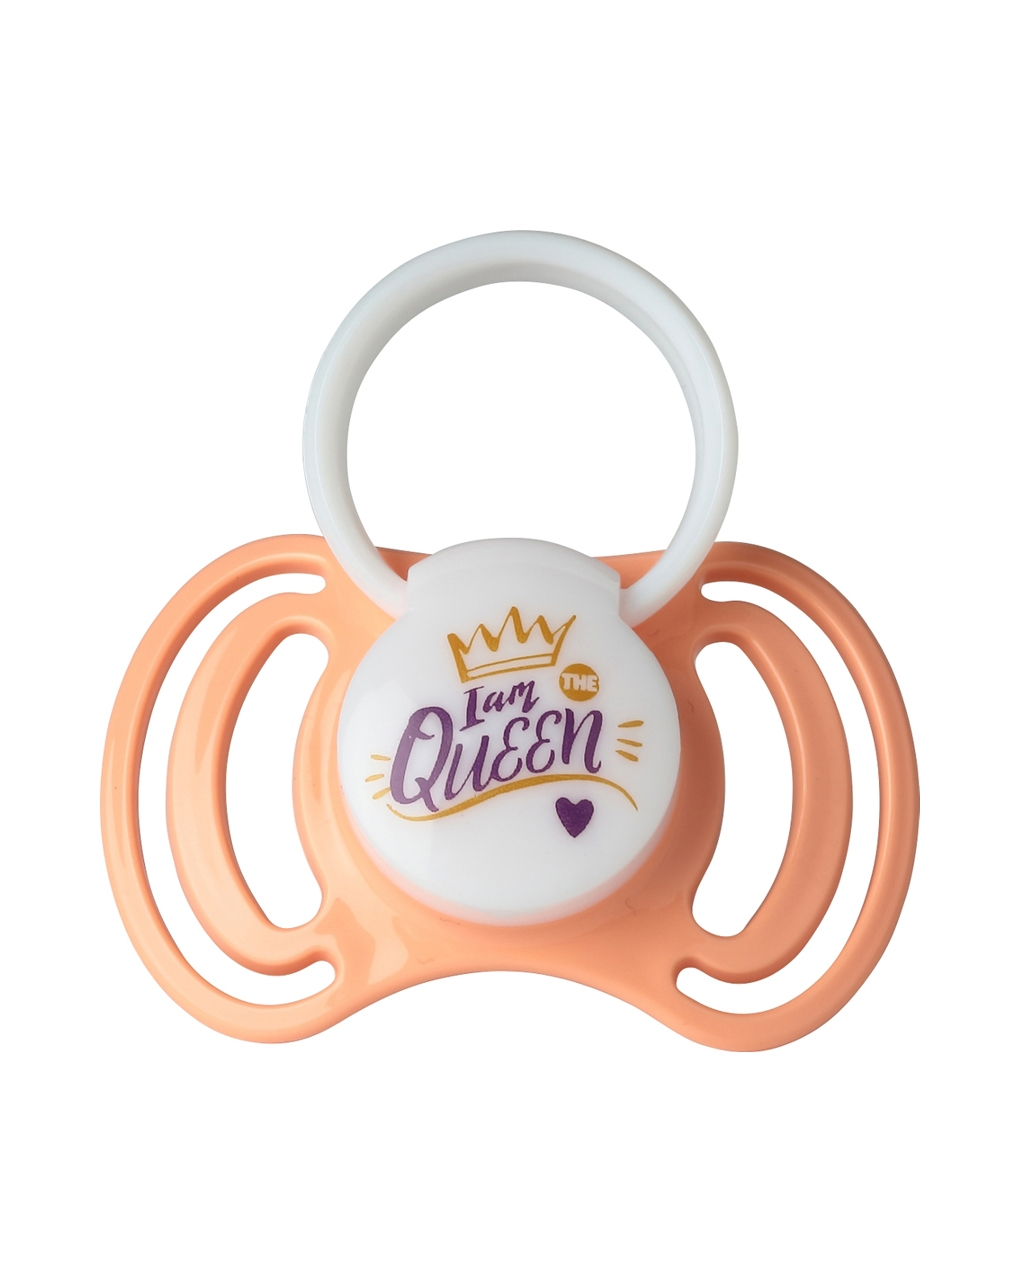 Succhietti in silicone con anello 6+ mesi 2 pz - That's Love